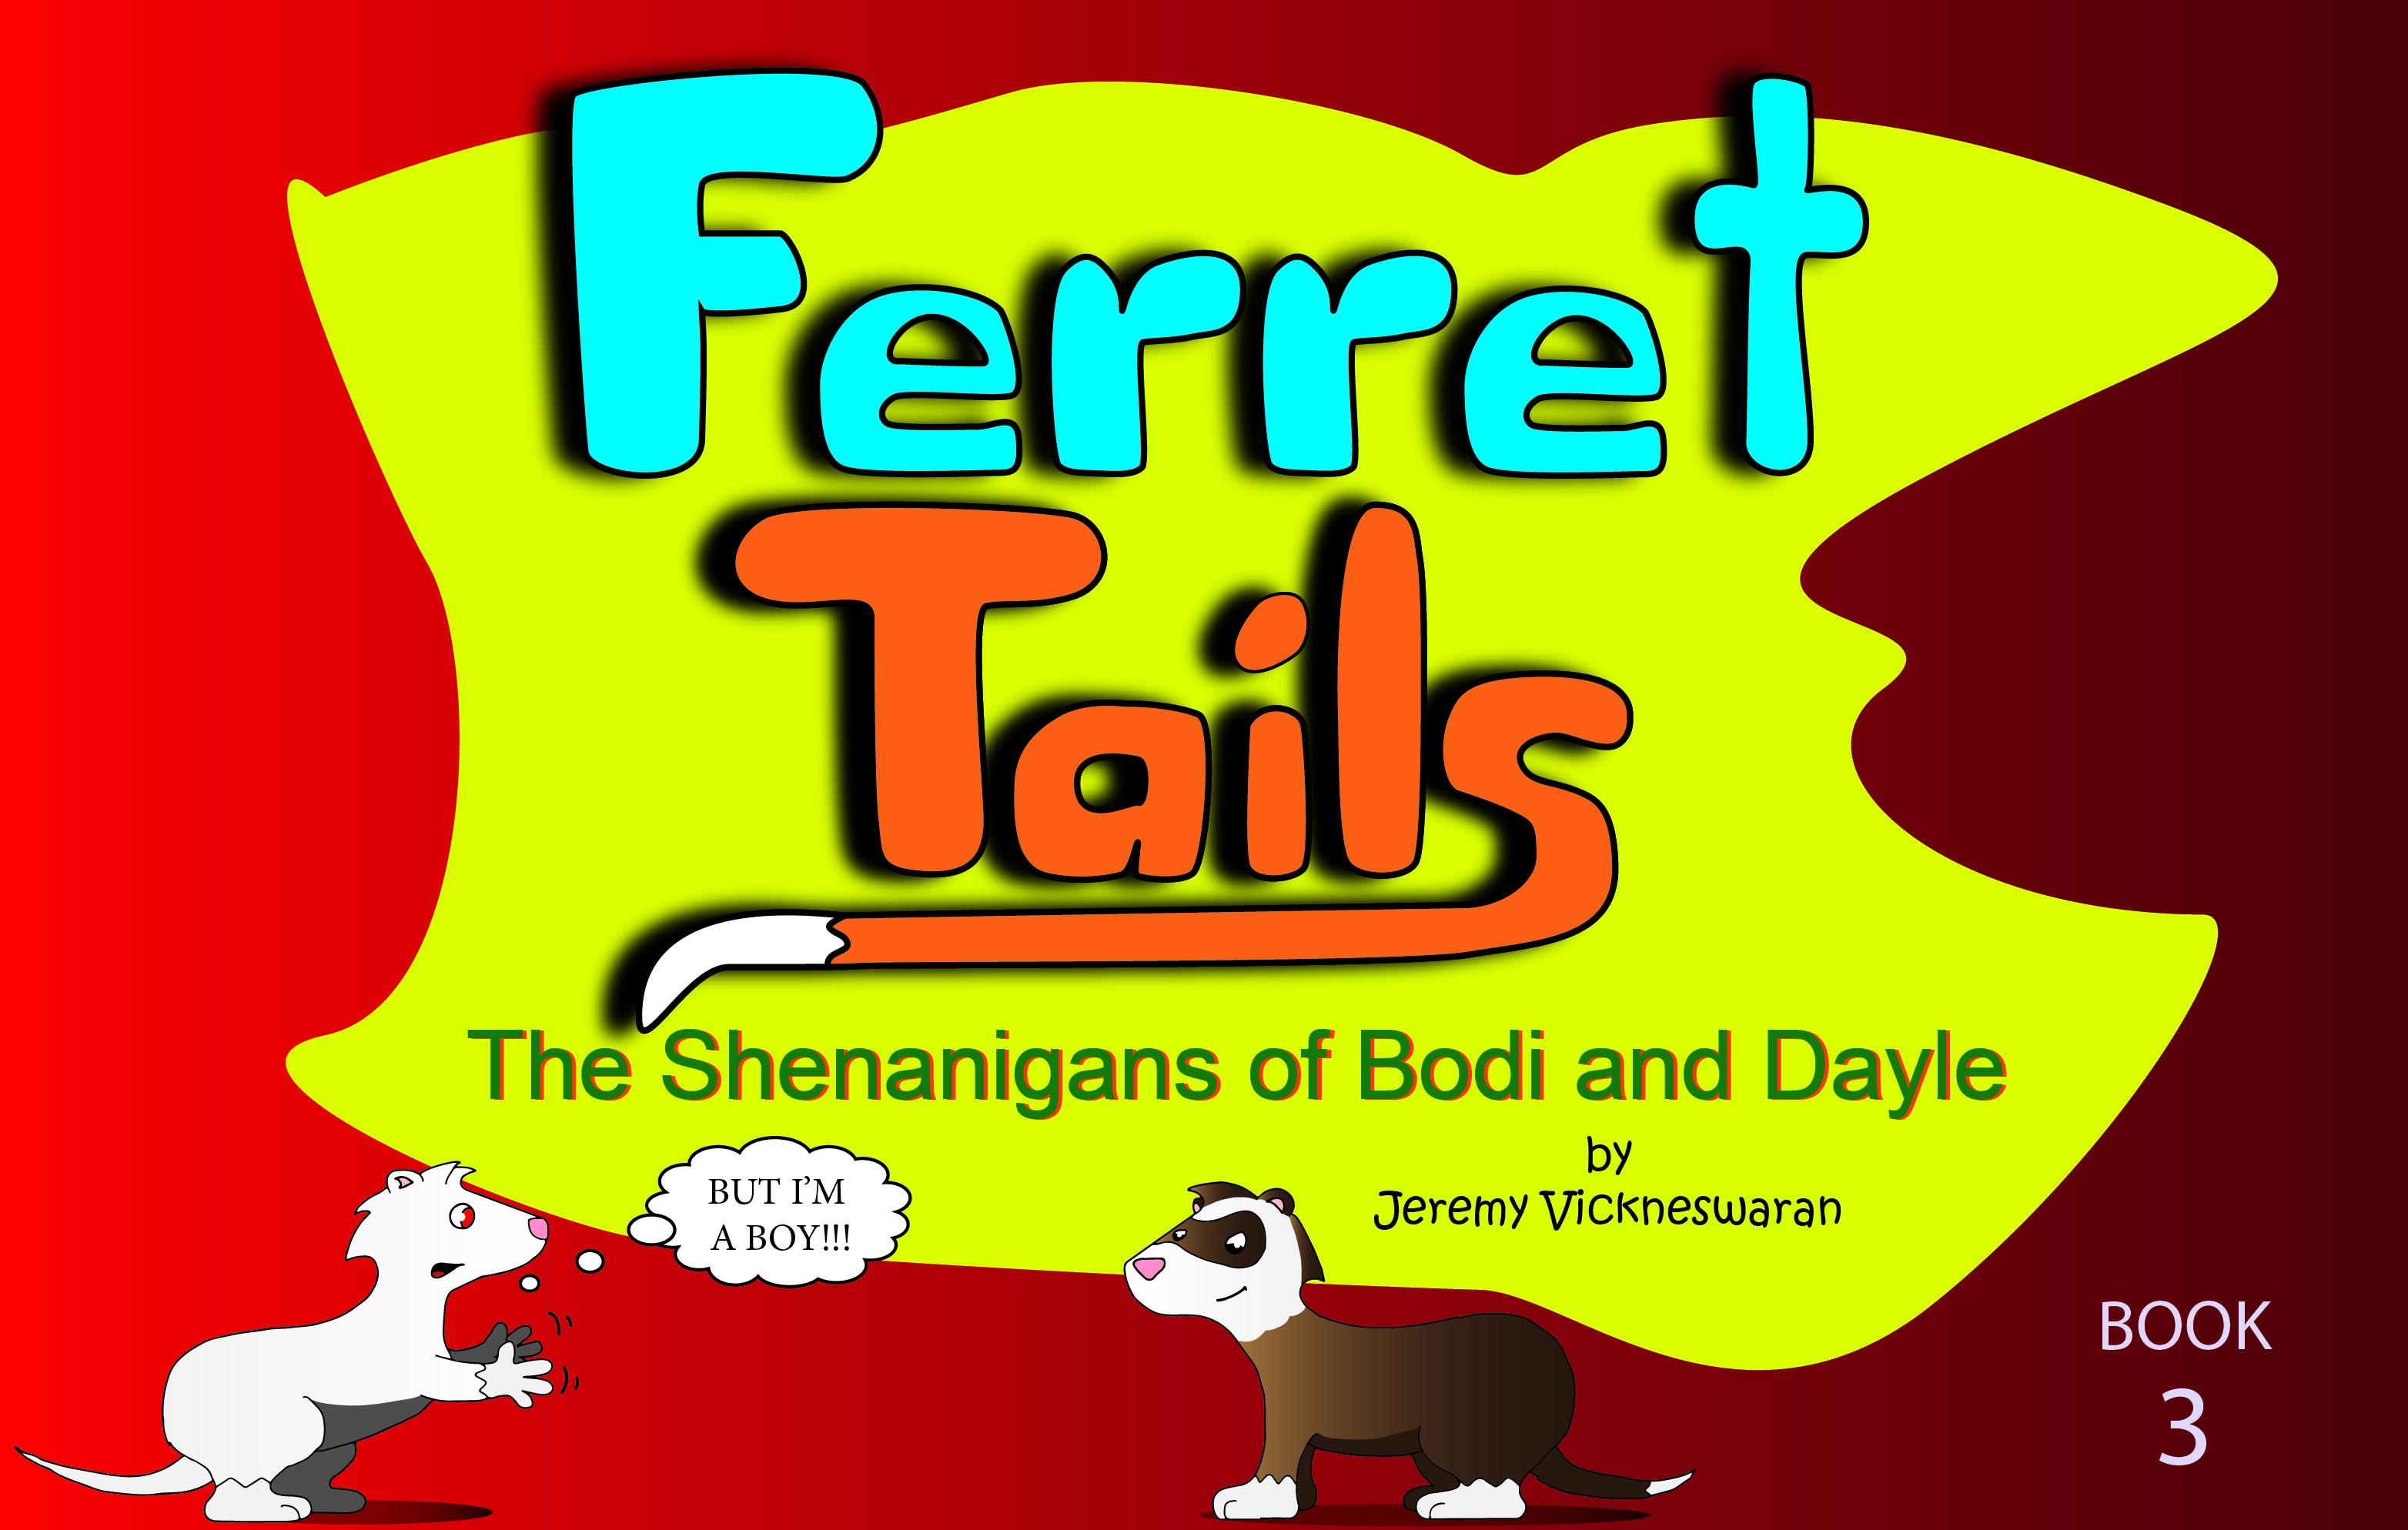 Ferret Tails